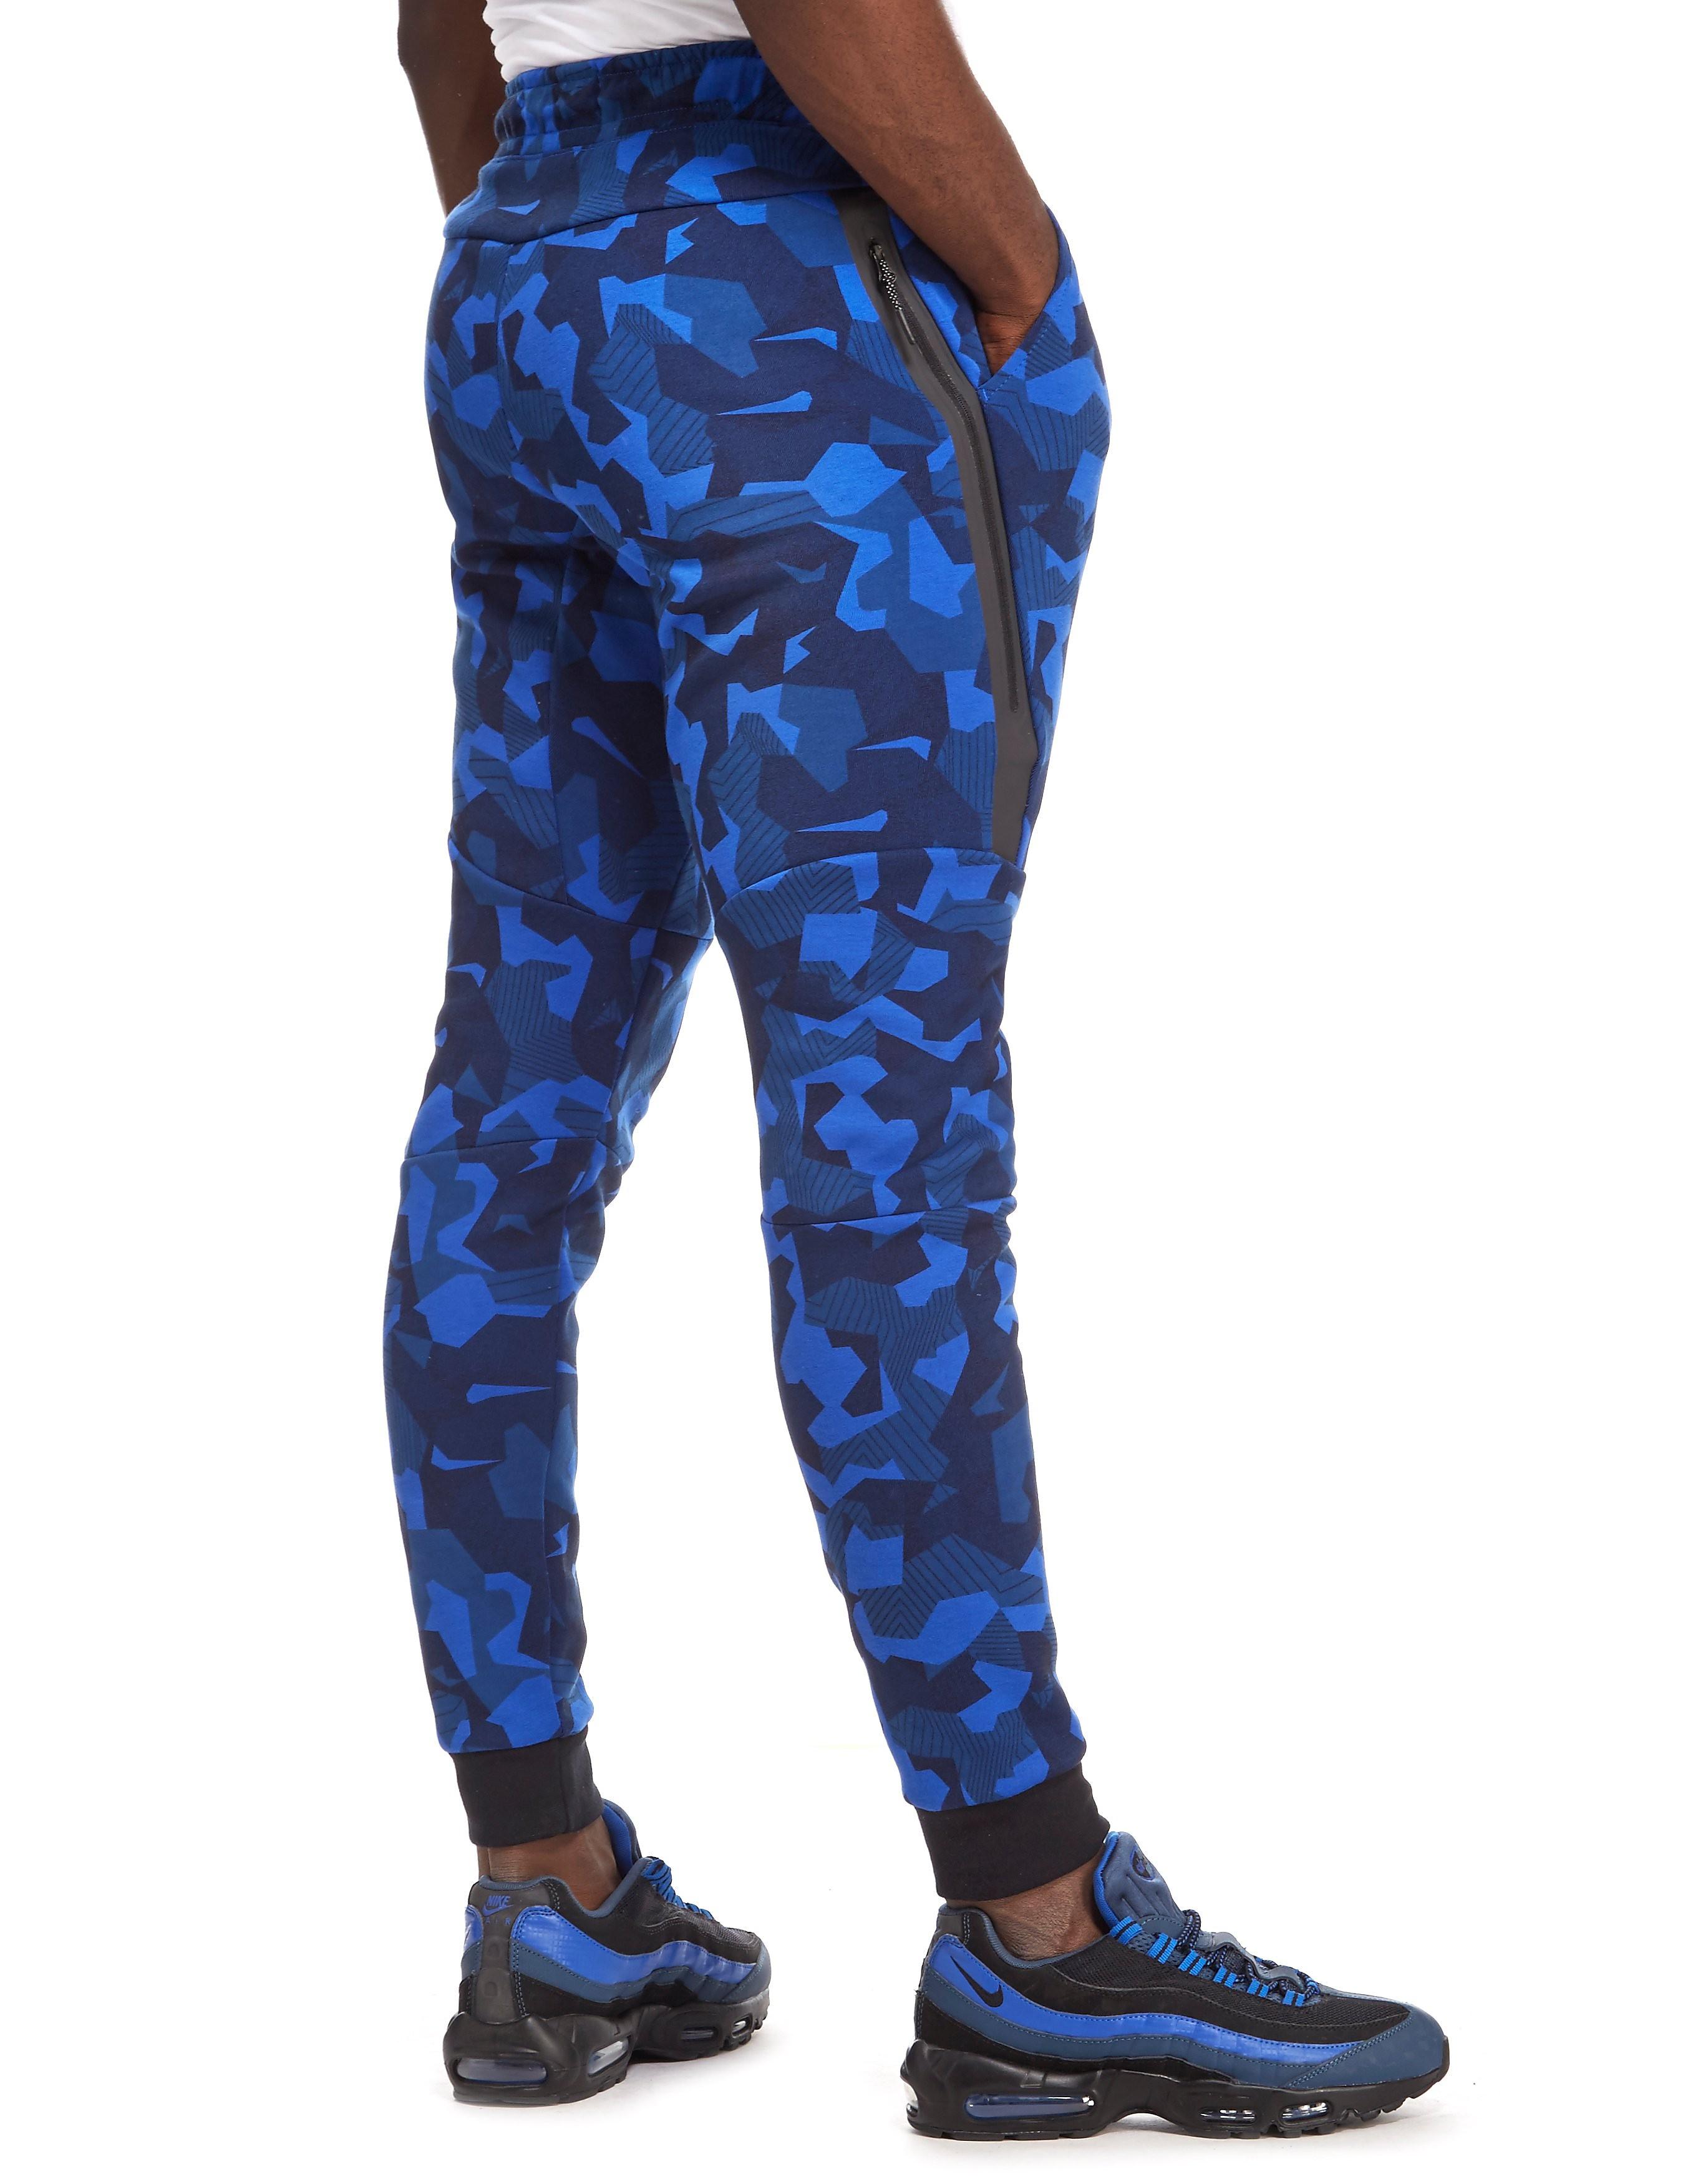 Nike Tech Fleece Camouflage Pants